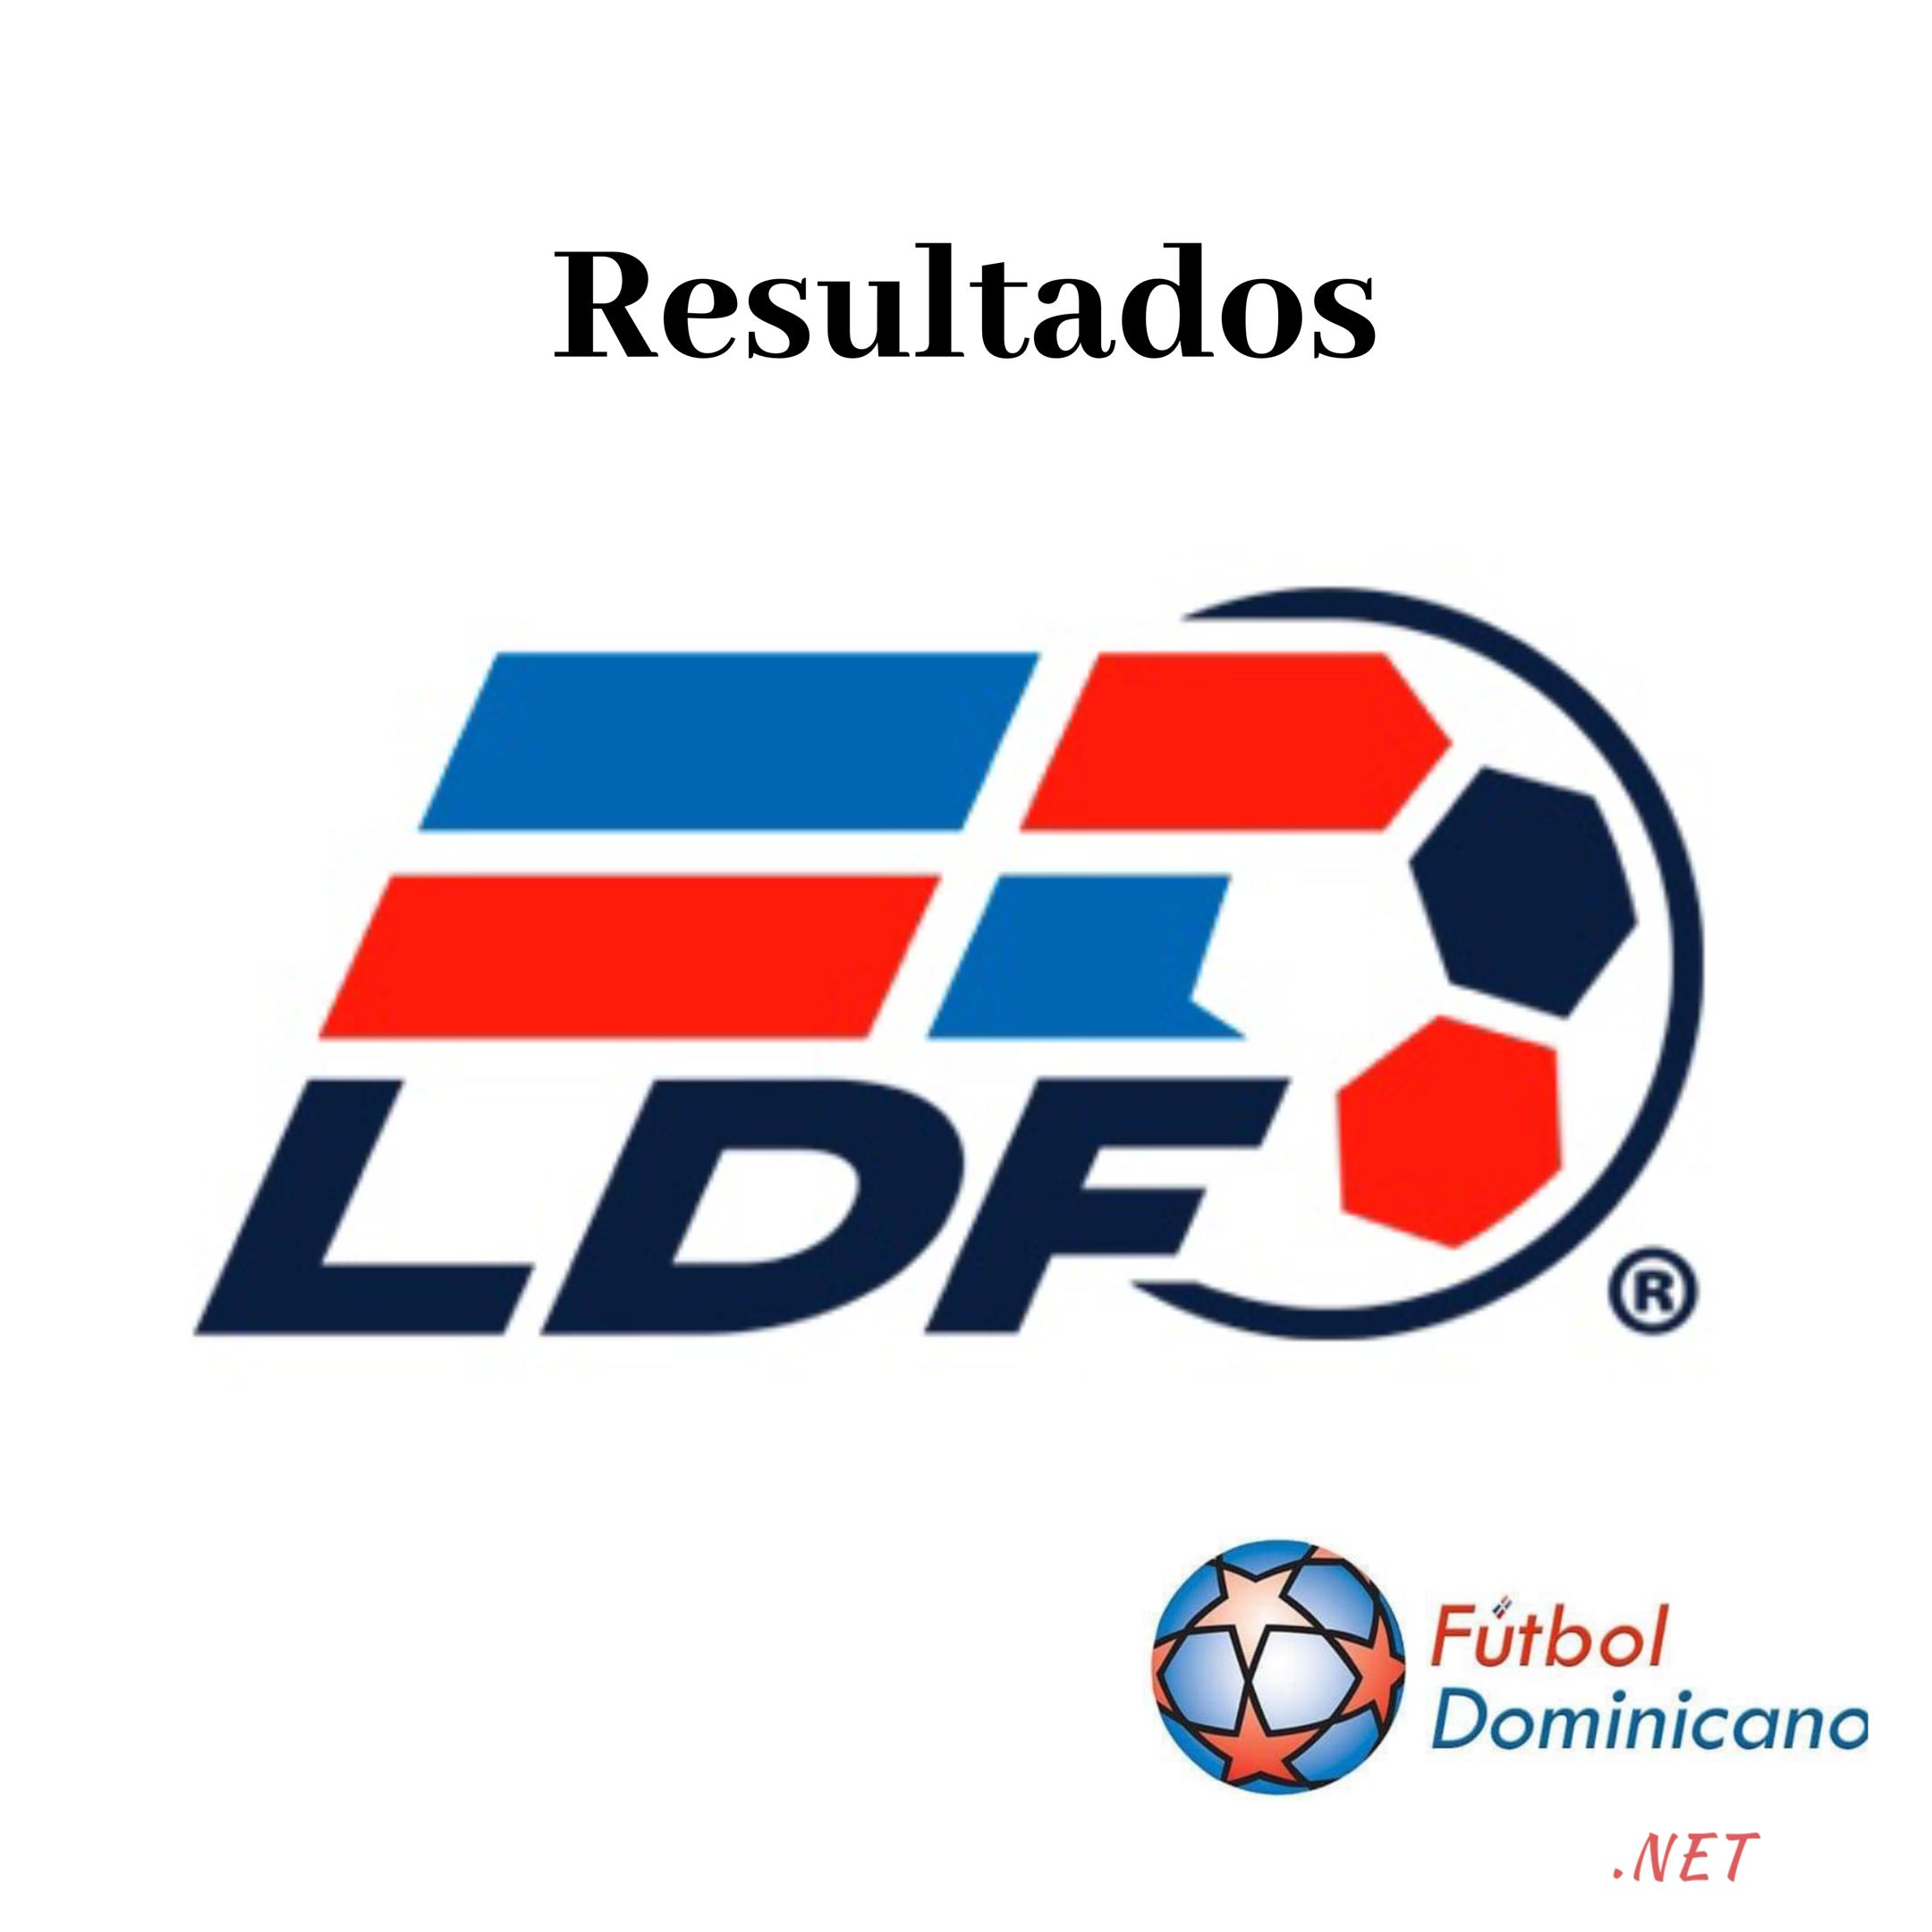 Resultados de la LDF